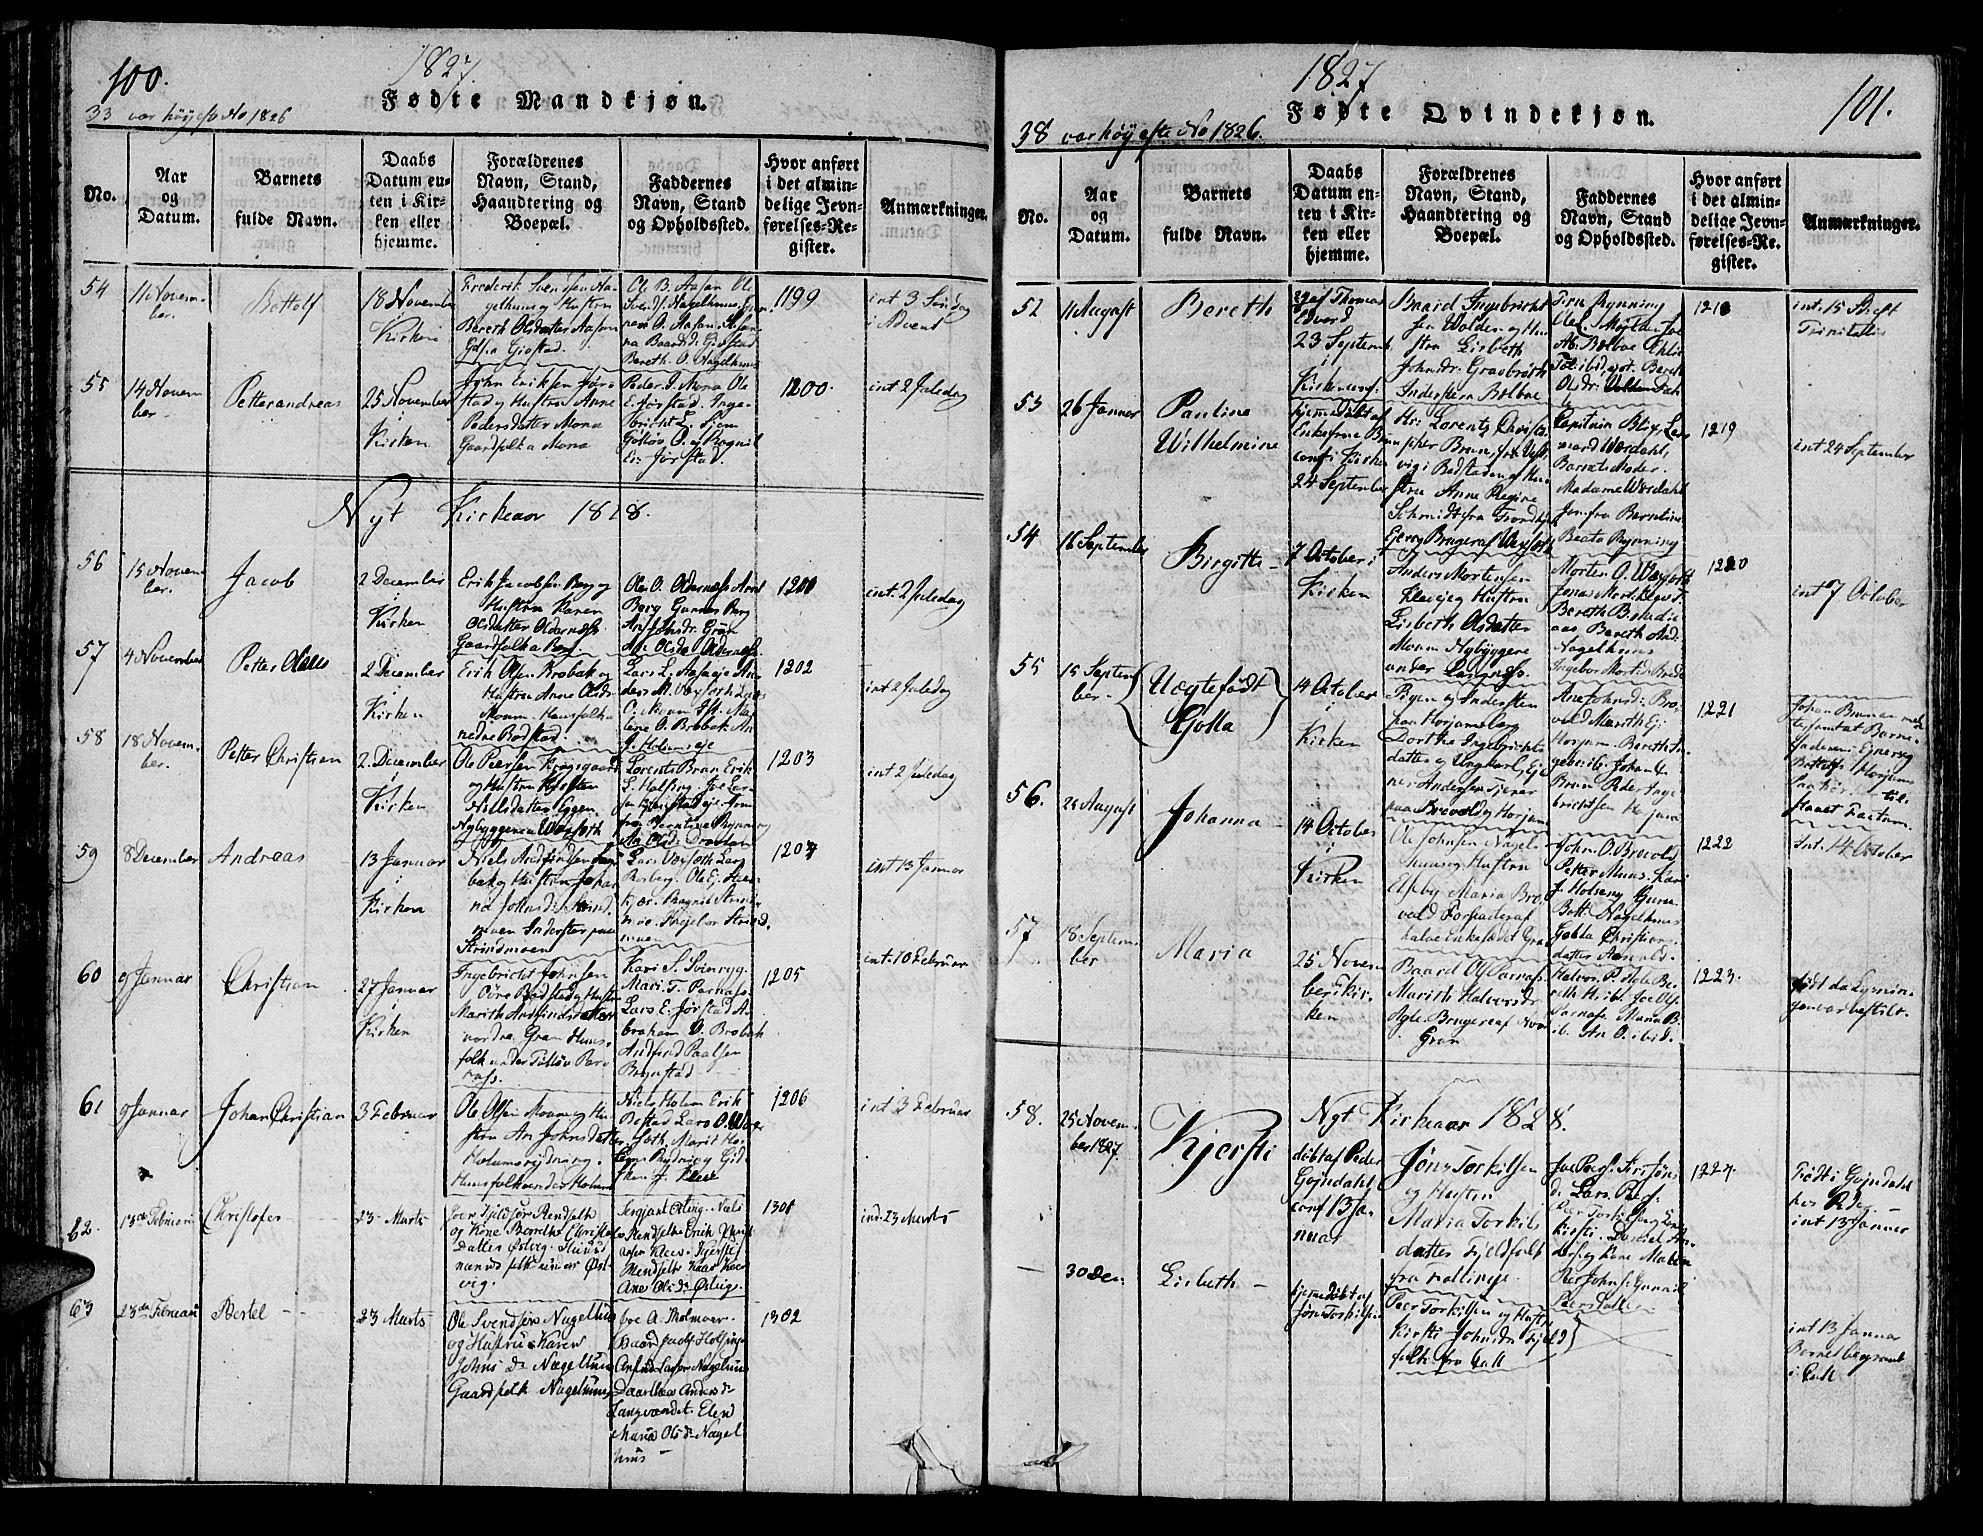 SAT, Ministerialprotokoller, klokkerbøker og fødselsregistre - Nord-Trøndelag, 749/L0479: Klokkerbok nr. 749C01, 1817-1829, s. 100-101